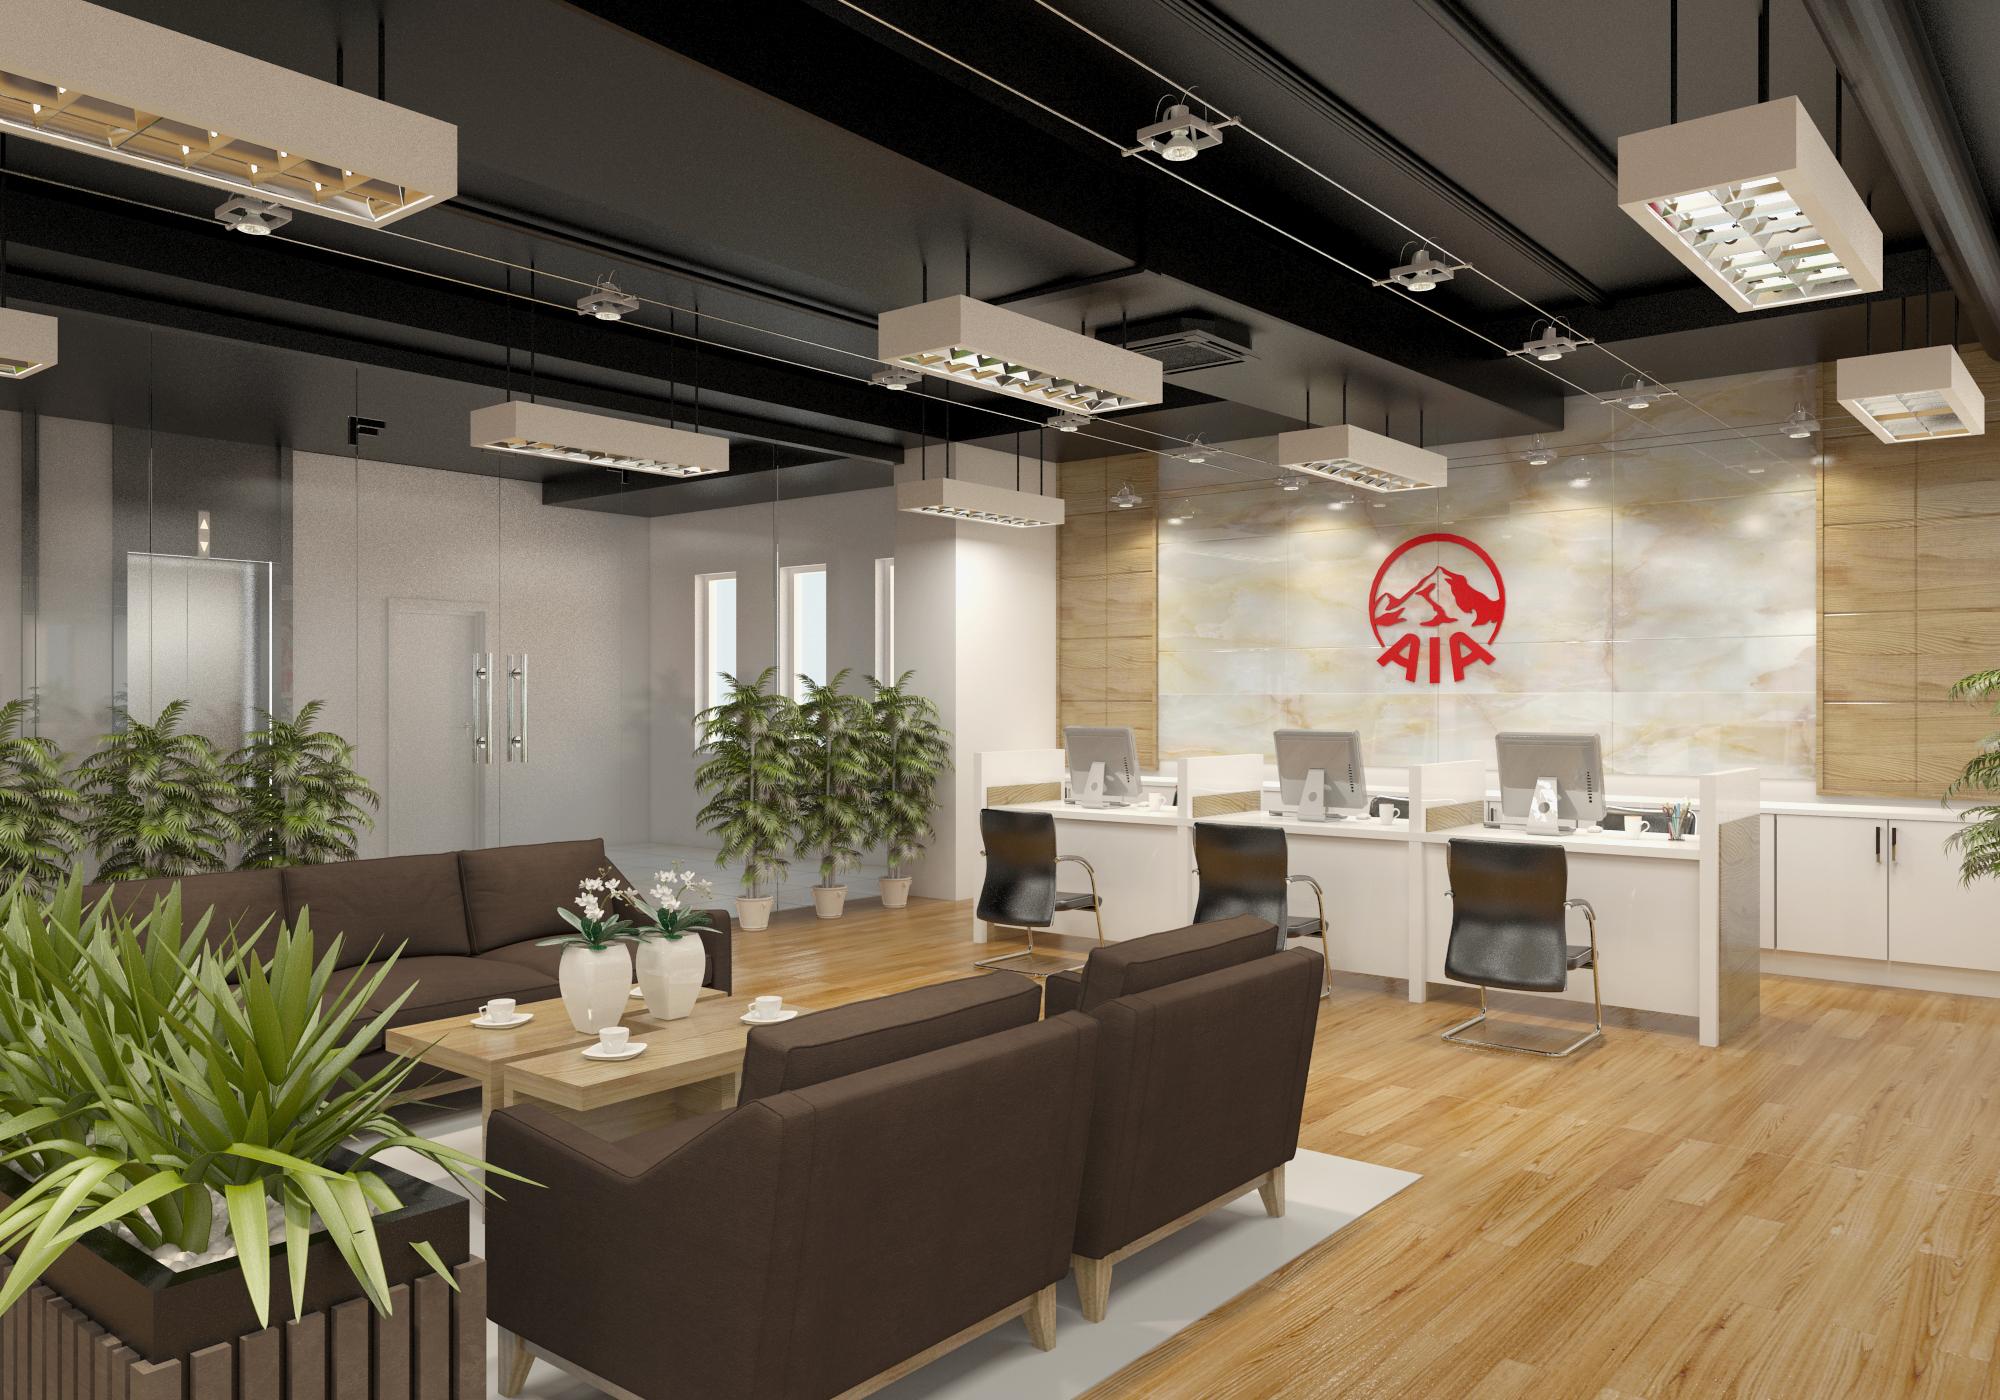 thiết kế nội thất Văn Phòng tại Hà Tĩnh Văn phòng AIA - Hà Tĩnh 2 1568277191